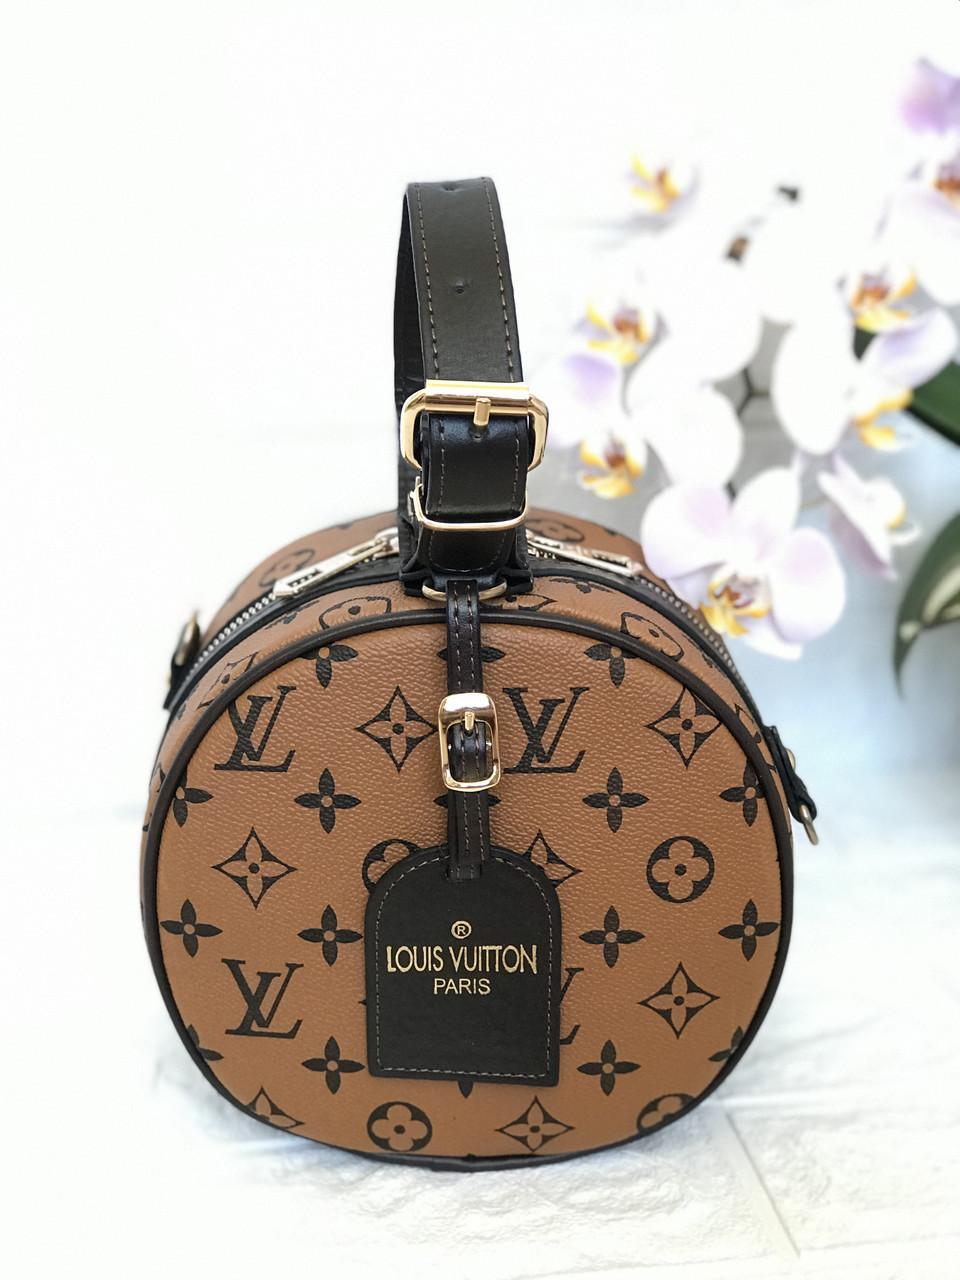 Клатч сумка круглая  в стиле Louis Vuitton LV (луи витон) рыжая